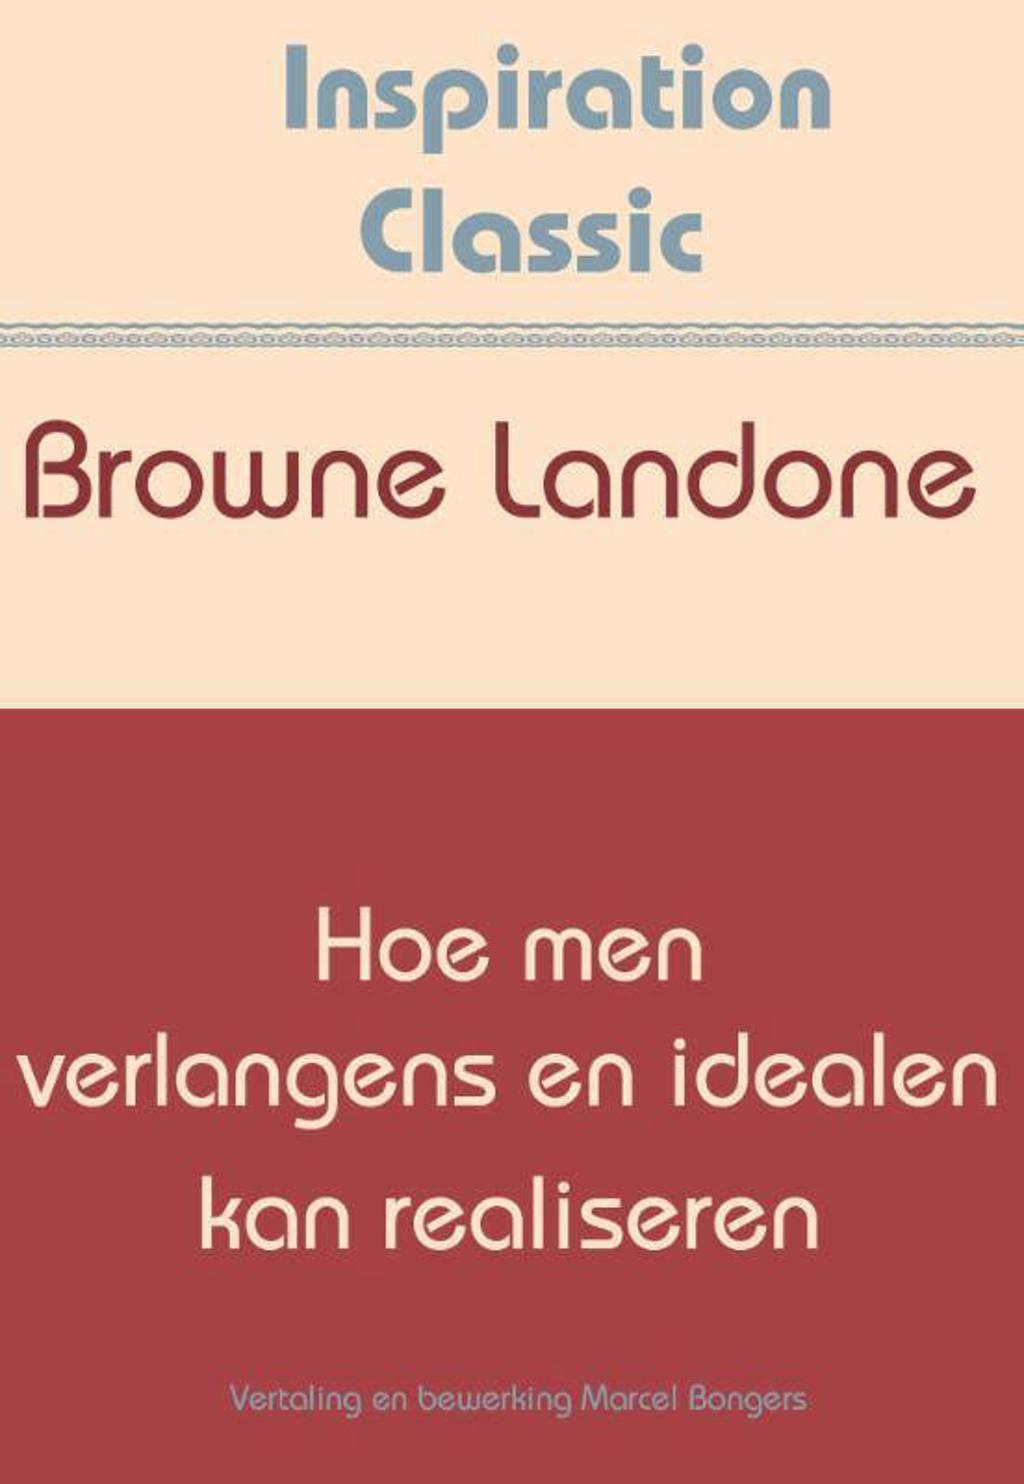 Inspiration Classic: Hoe men verlangens en idealen kan realiseren - Browne Landone